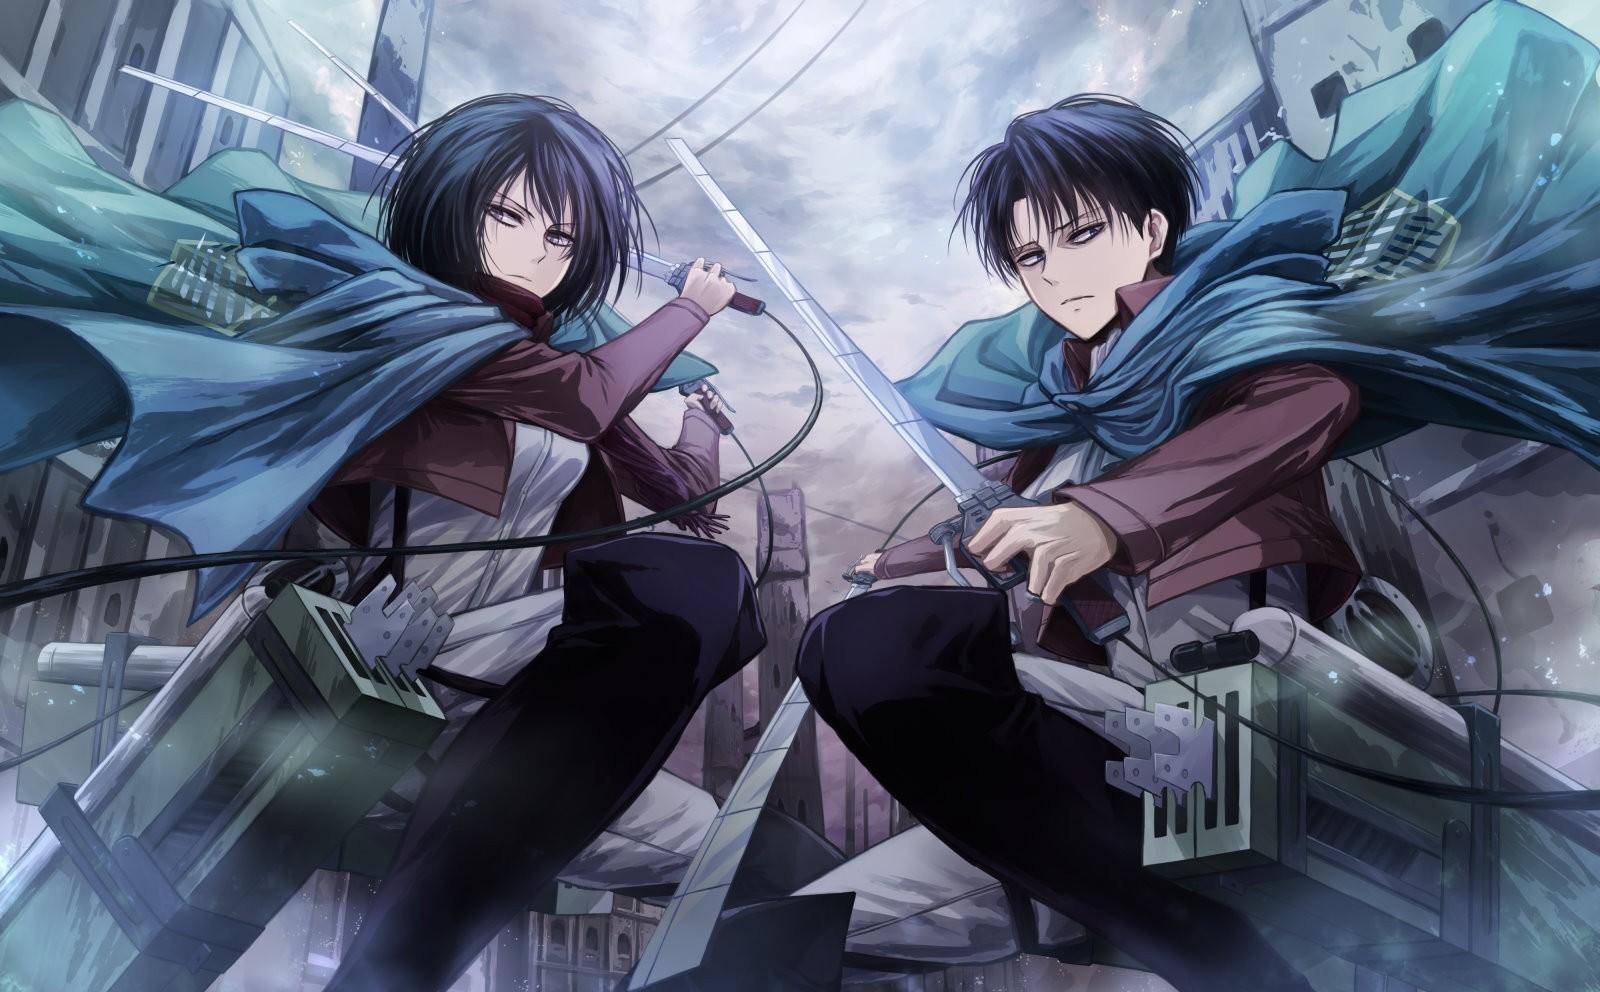 Wallpaper Anime Shingeki No Kyojin Mikasa Ackerman Levi